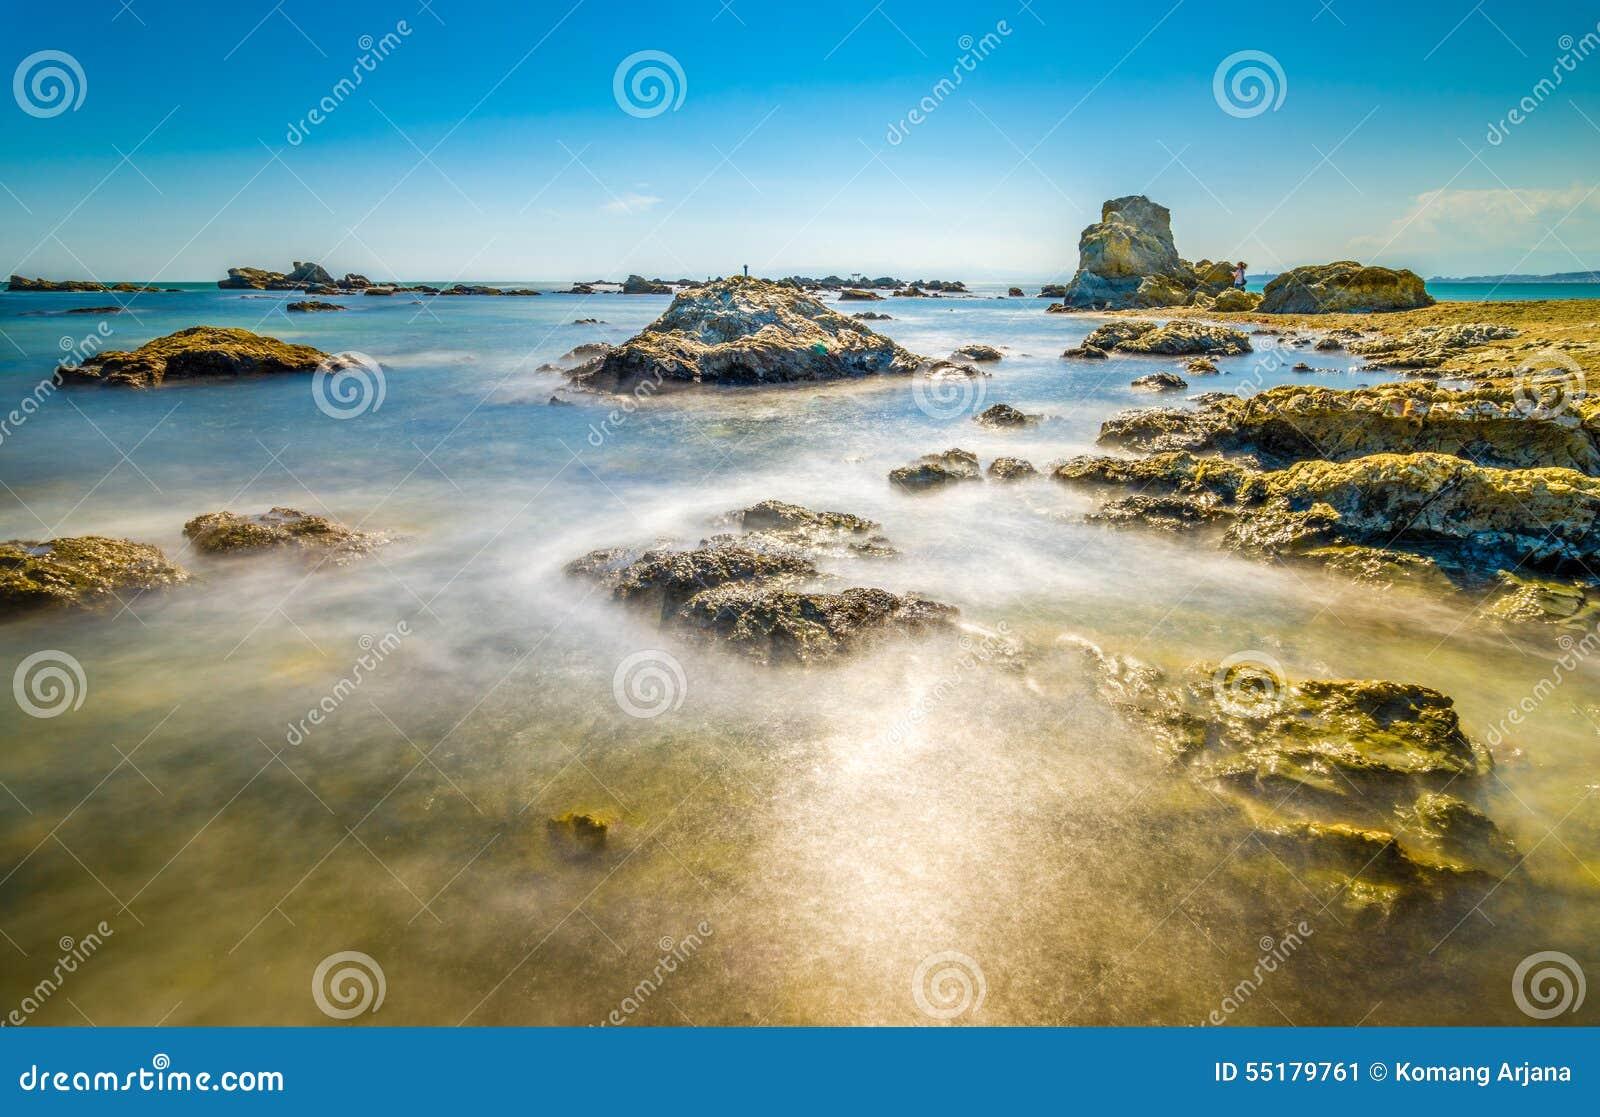 Playa coralina